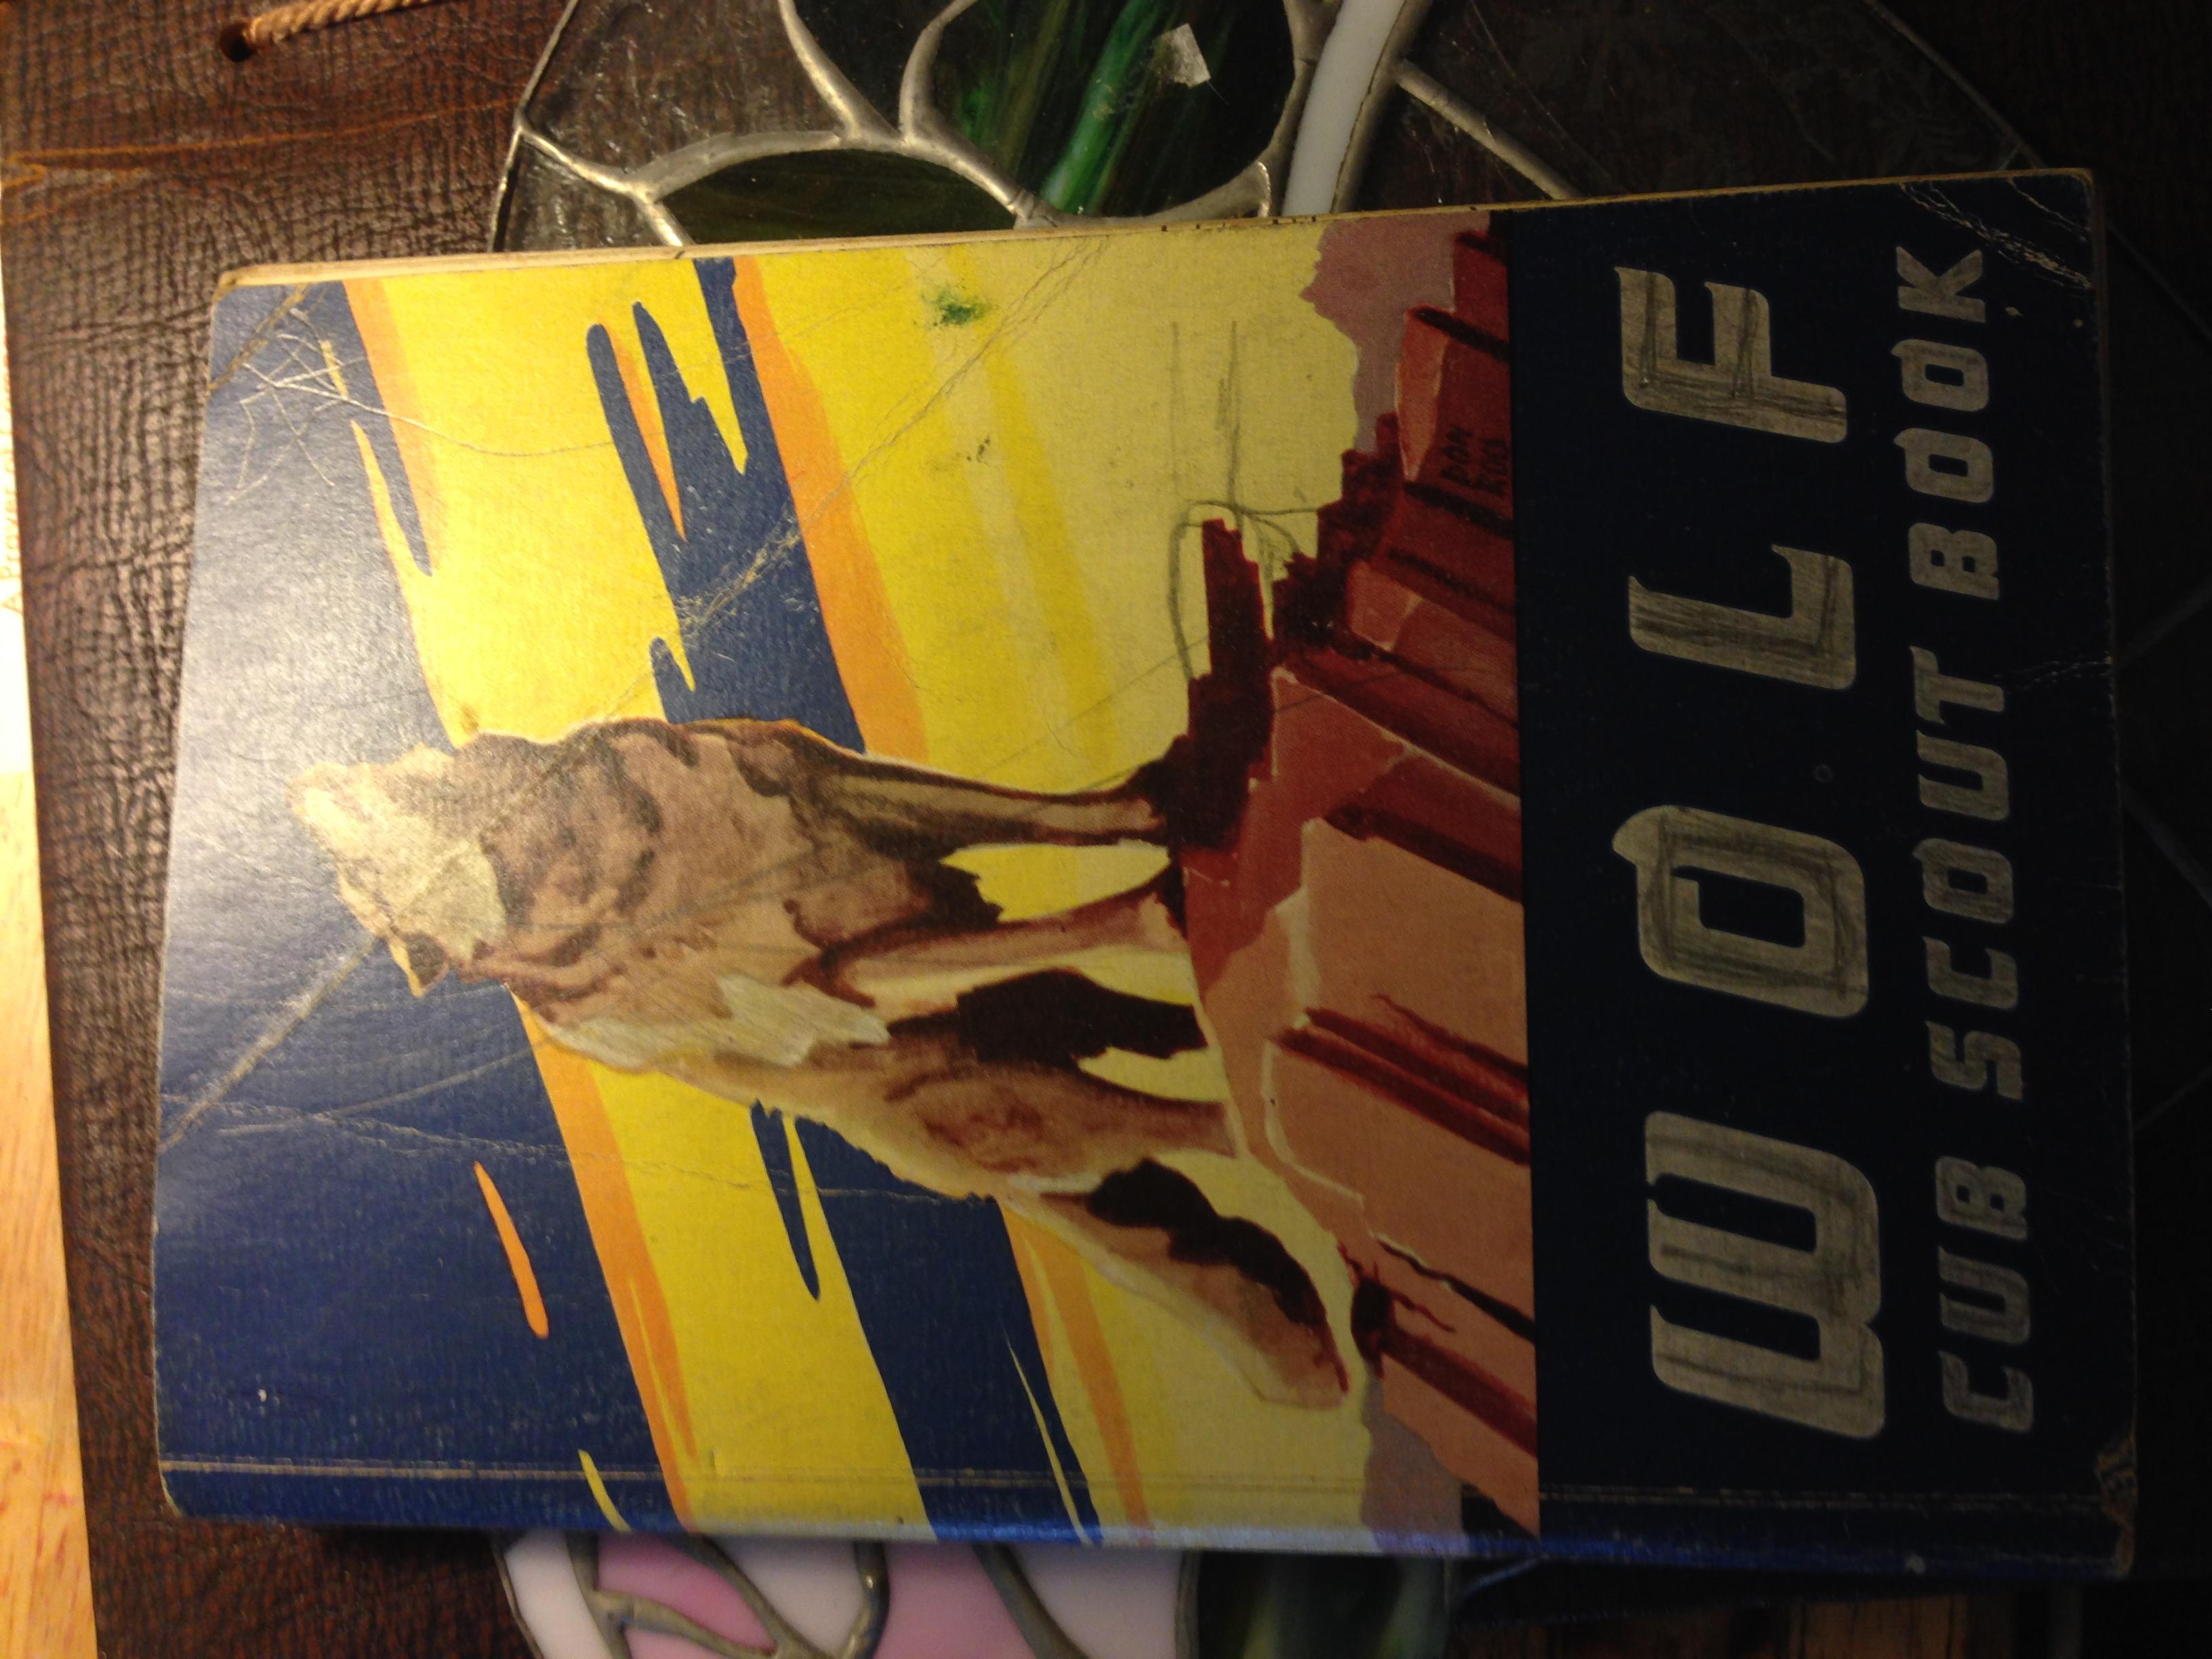 WOLF CUB SCOUT BOOK 1963